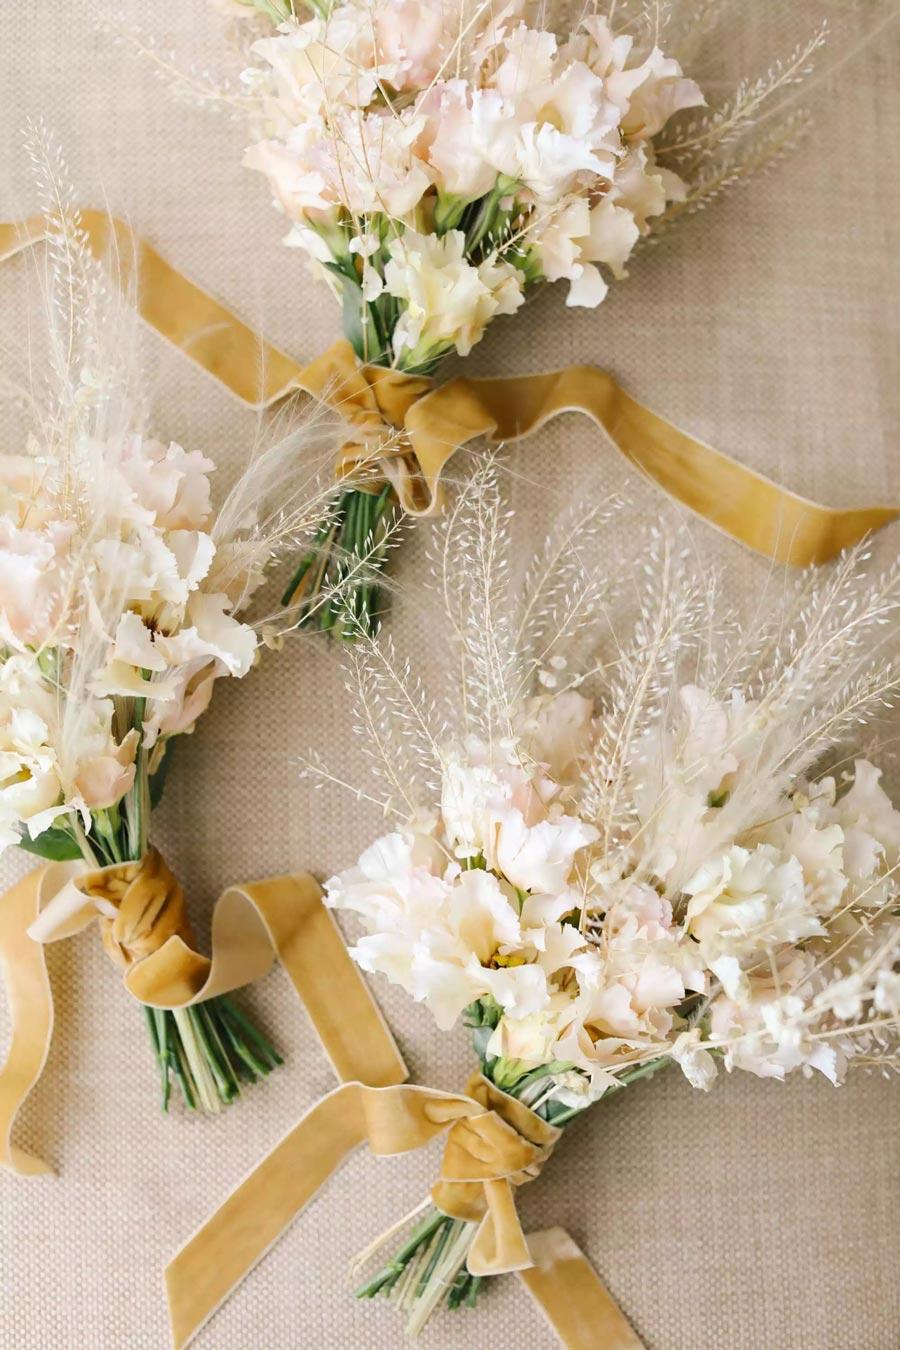 20 новых идей для свадьбы 2022 14